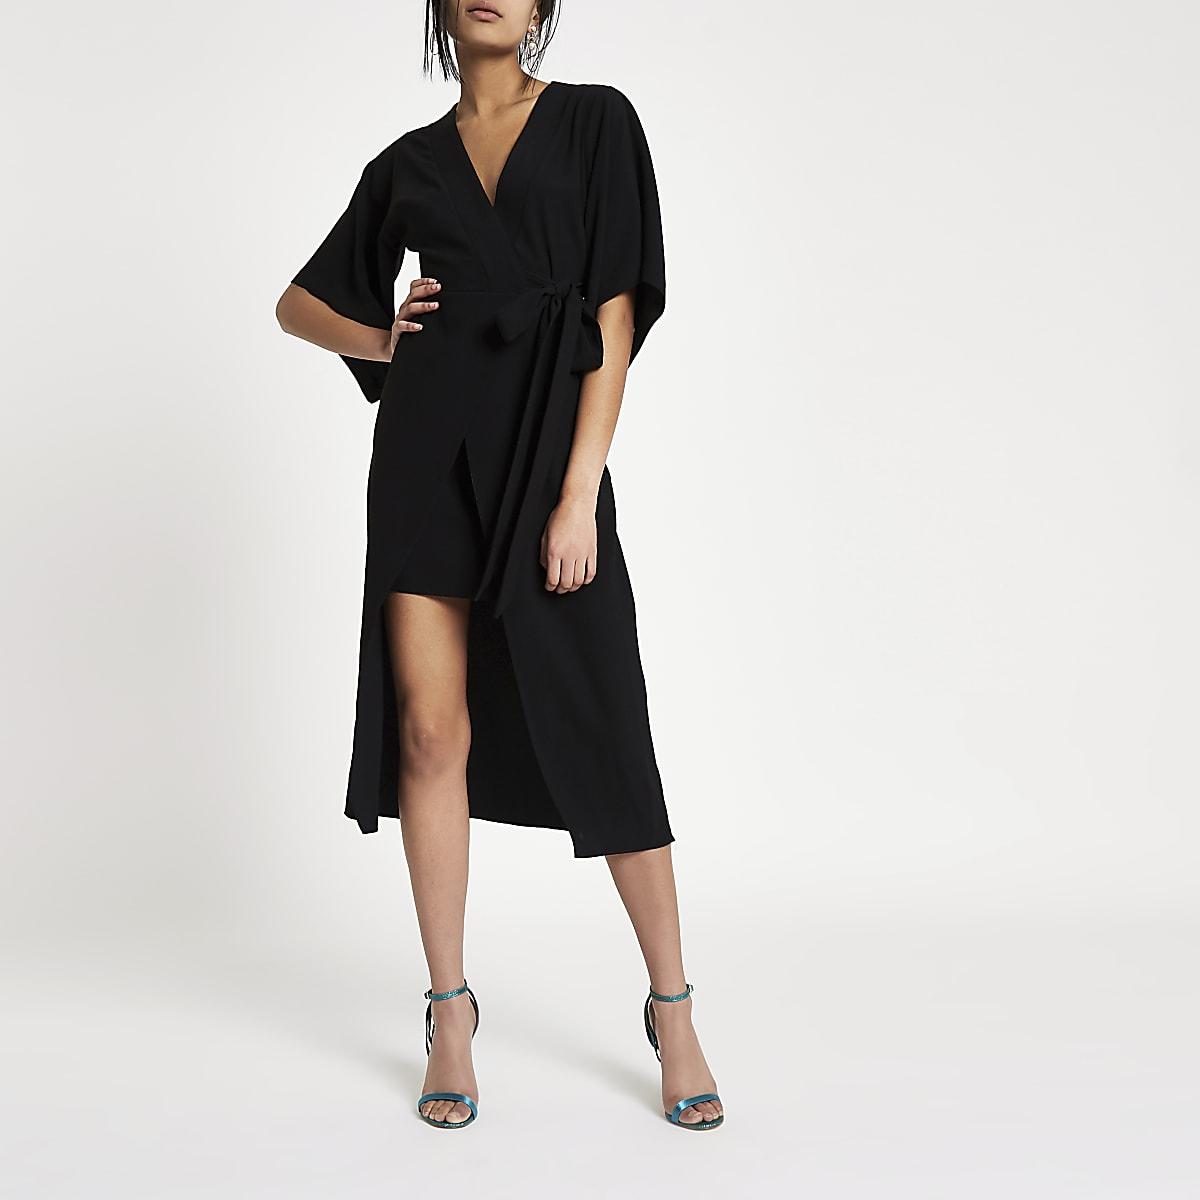 b6ed89188b2 Black kimono sleeve wrap midi dress - Swing Dresses - Dresses - women